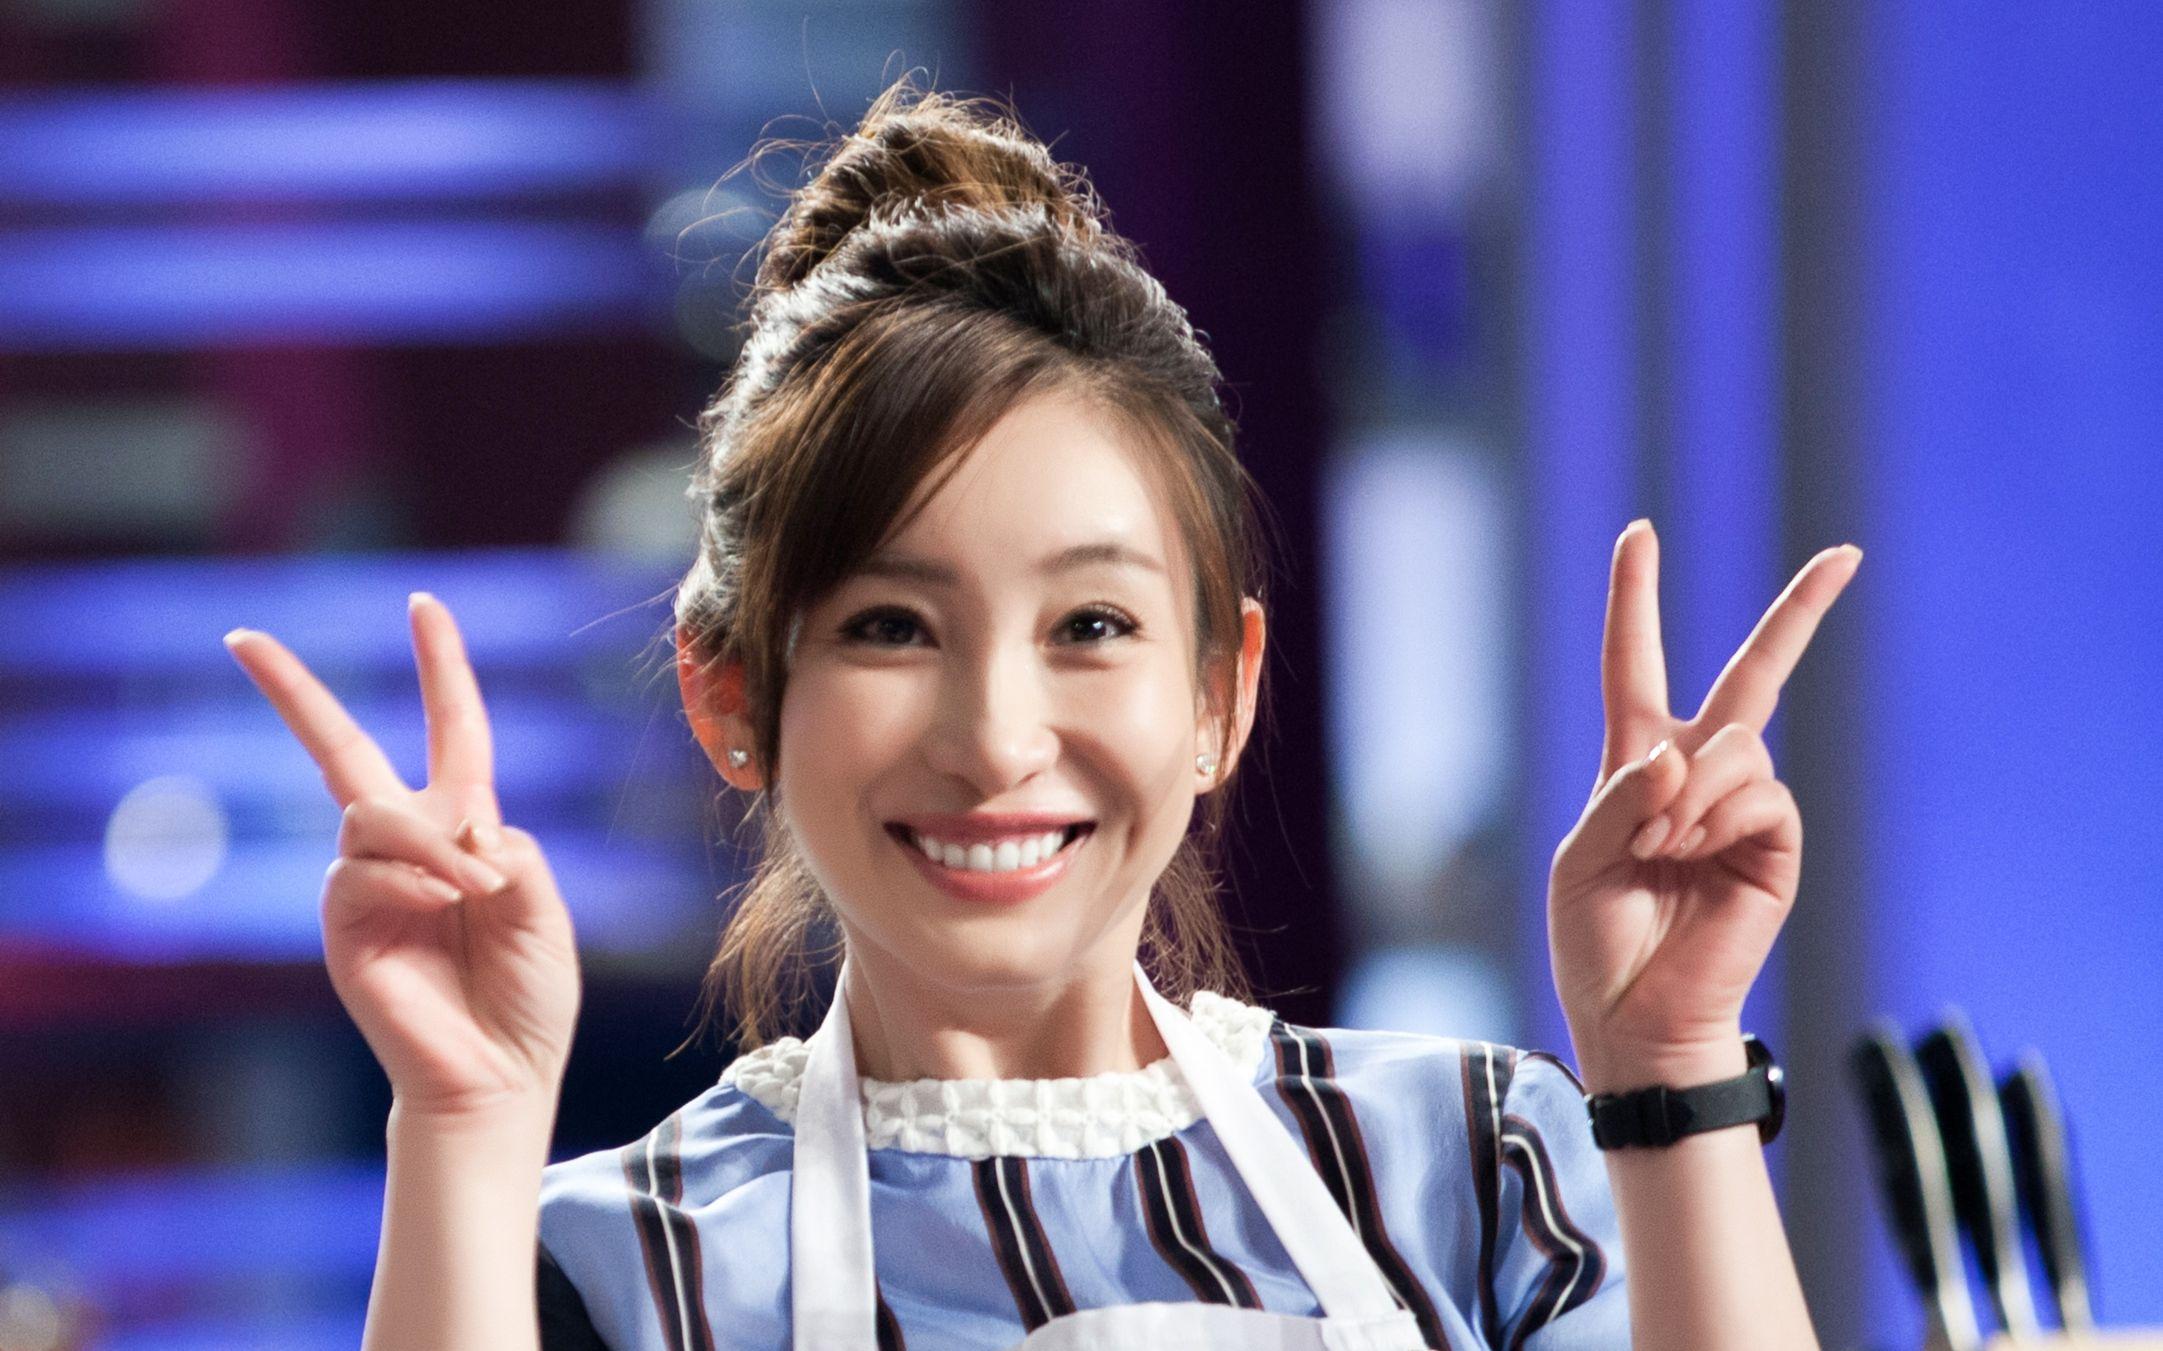 亚洲孕妇性狂15p_中国有哪些歌手进过☆美国billboard公告榜前100名★,还有亚洲那些